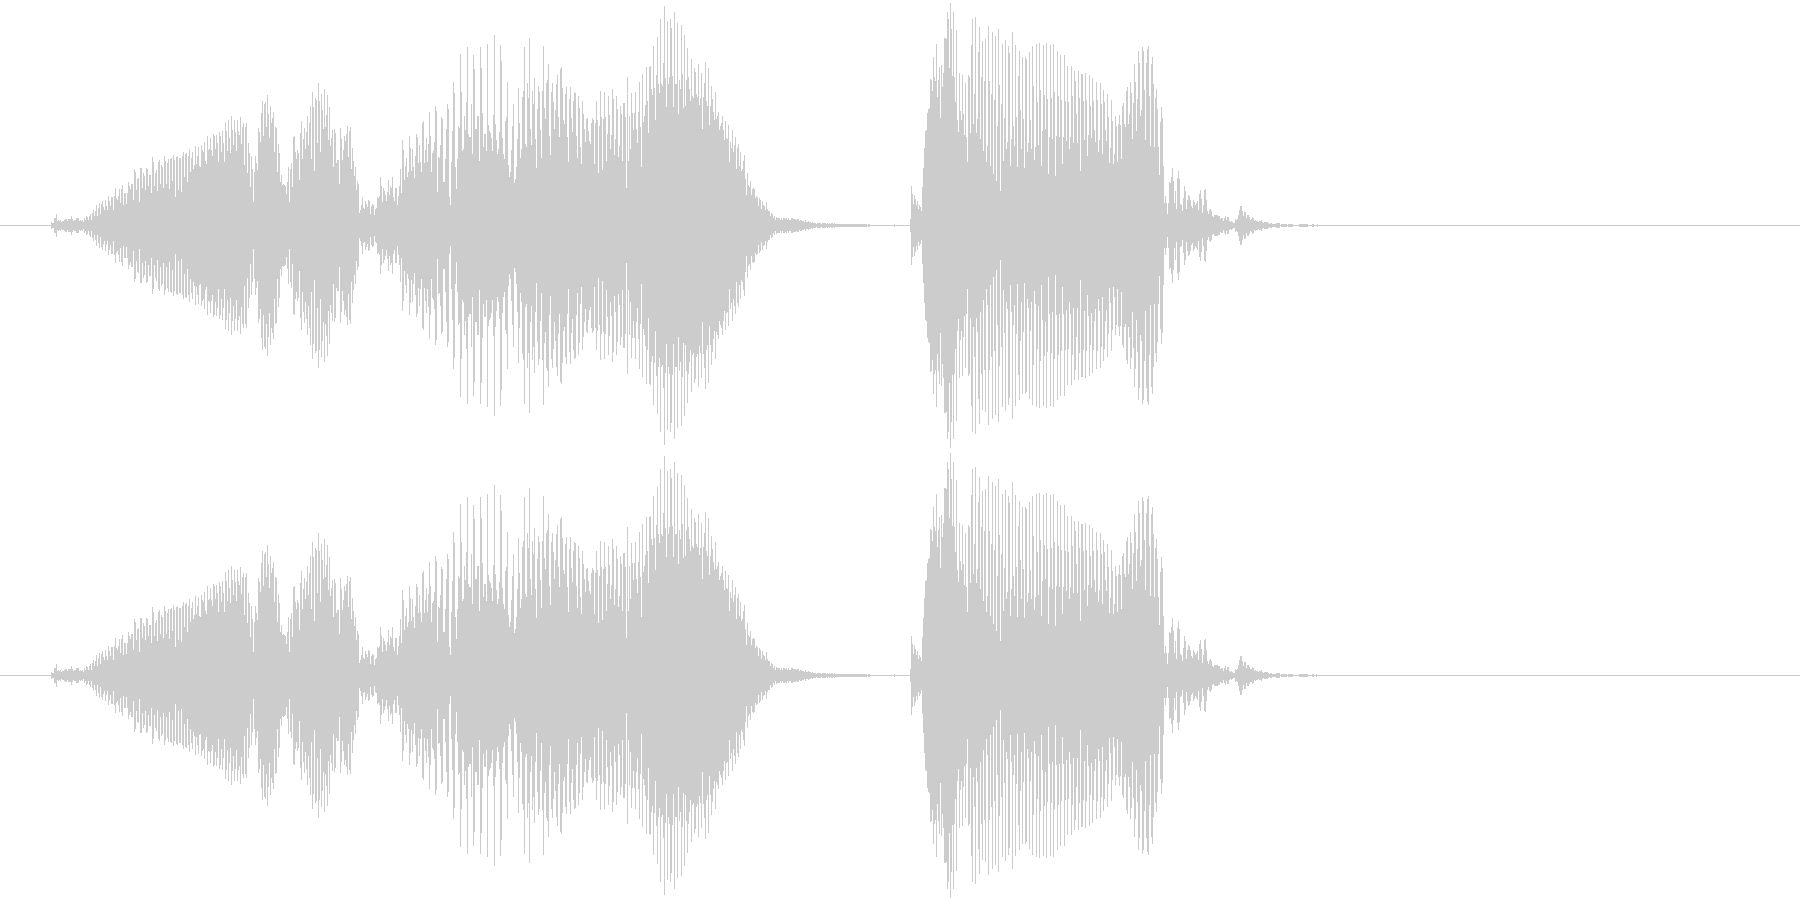 遊技機ゲーム用女性ボイス「グレイト」の未再生の波形